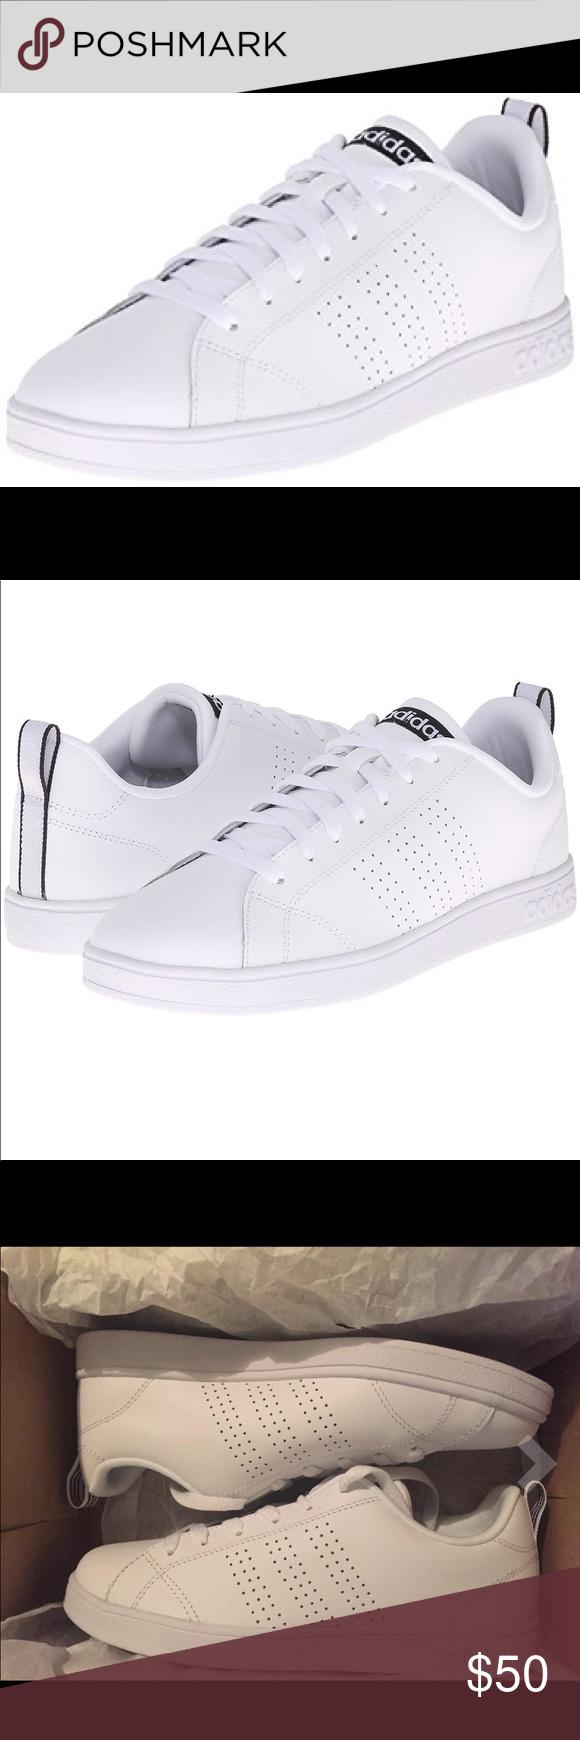 adidas neo le scarpe in scatola delle scarpe casual vantaggio occasionale